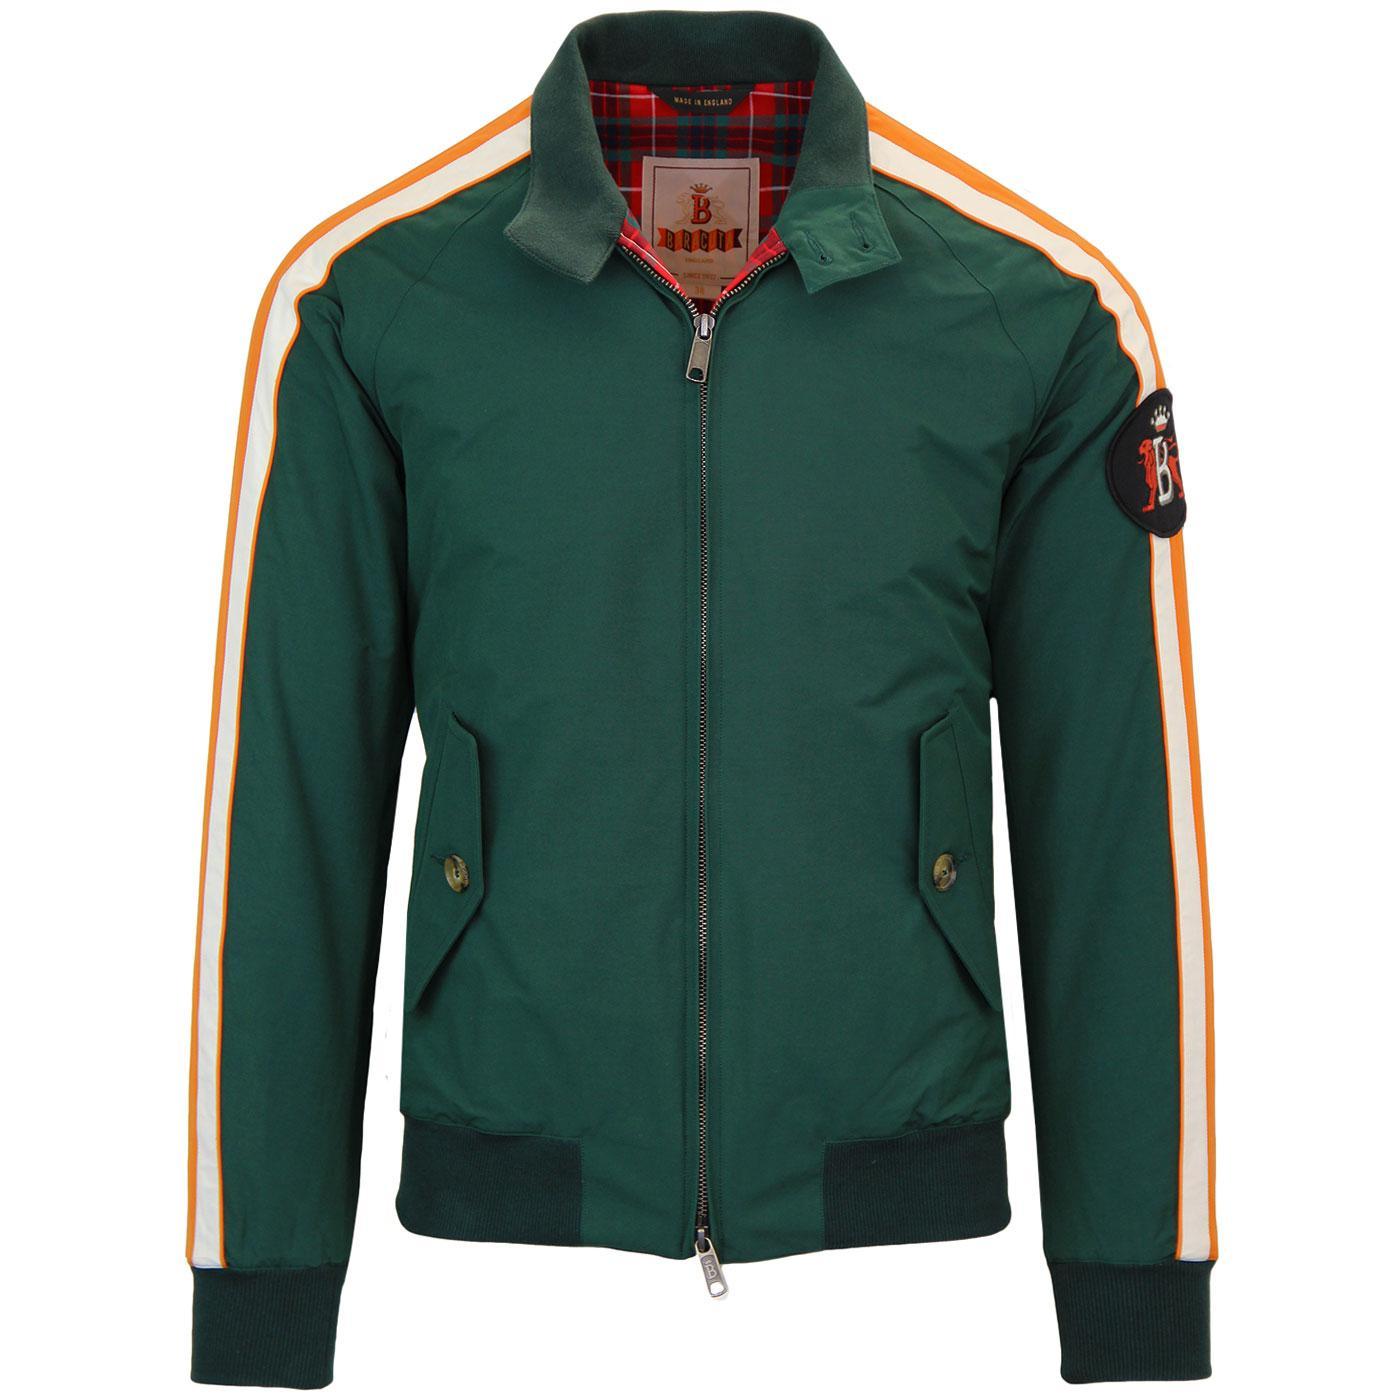 BARACUTA Manx TT G9 Harrington Jacket RACING GREEN